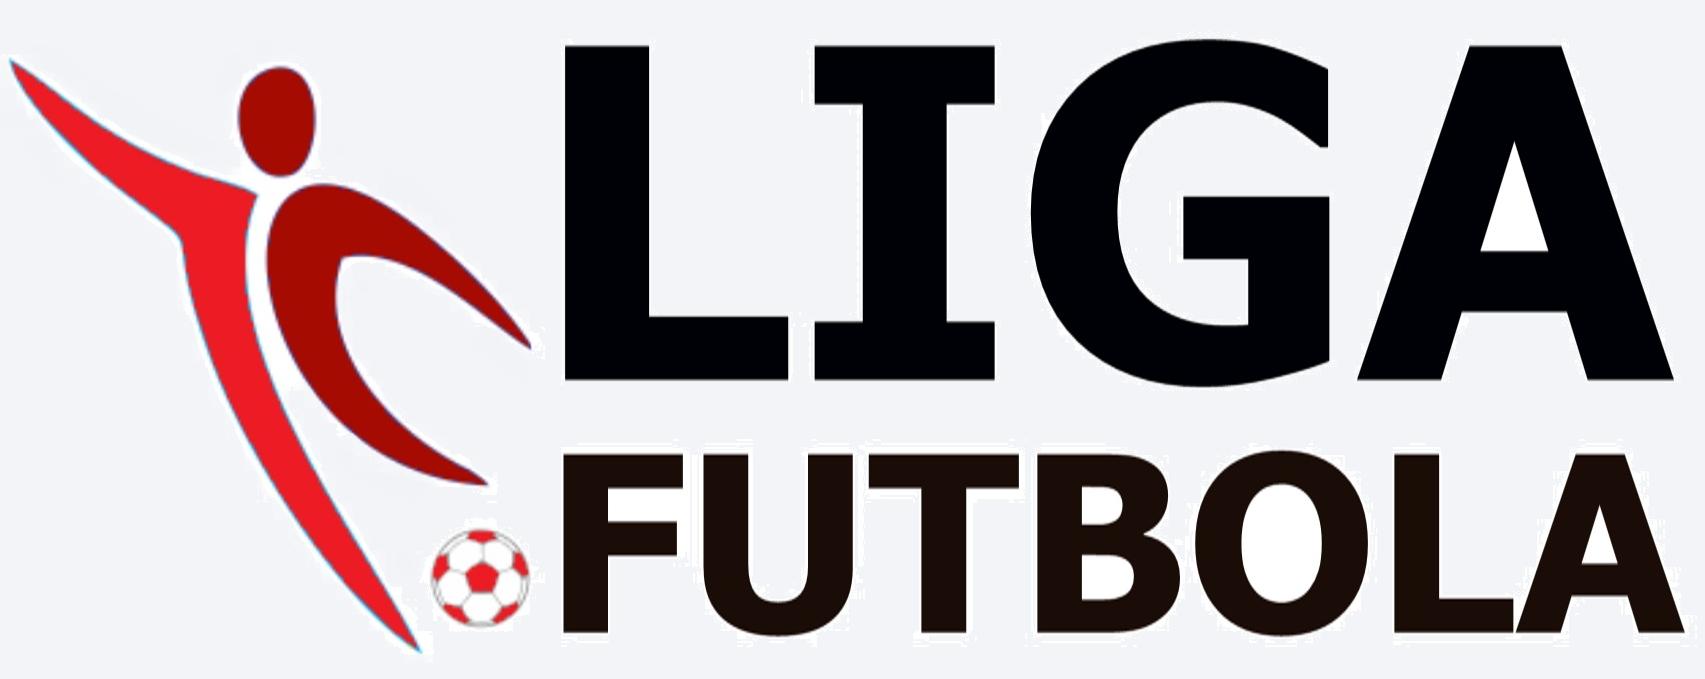 Интернет-магазин Лига Футбола